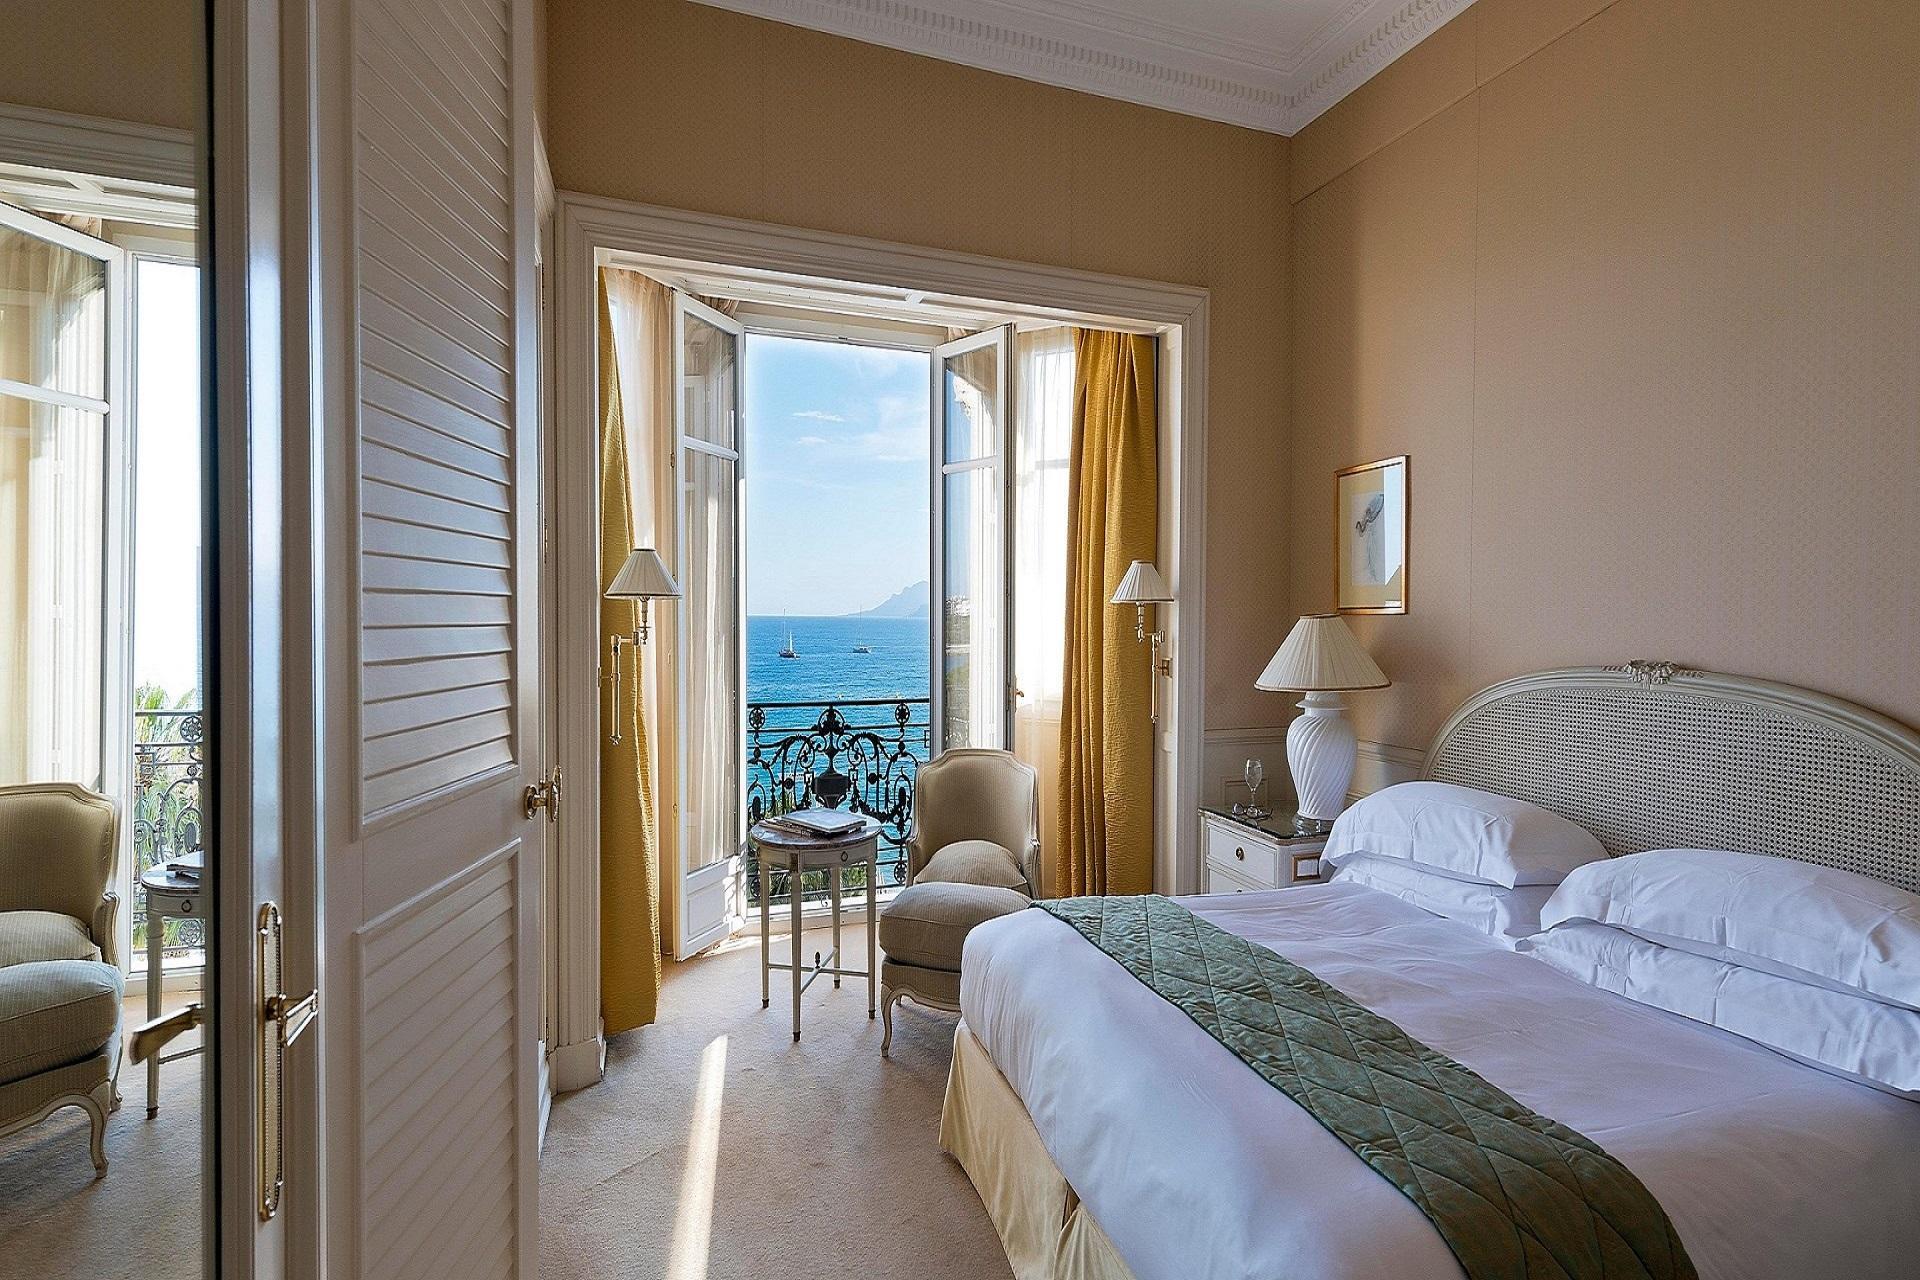 Carlton-Cannes-French-Riviera-cote-dazur-Croisette-chambre